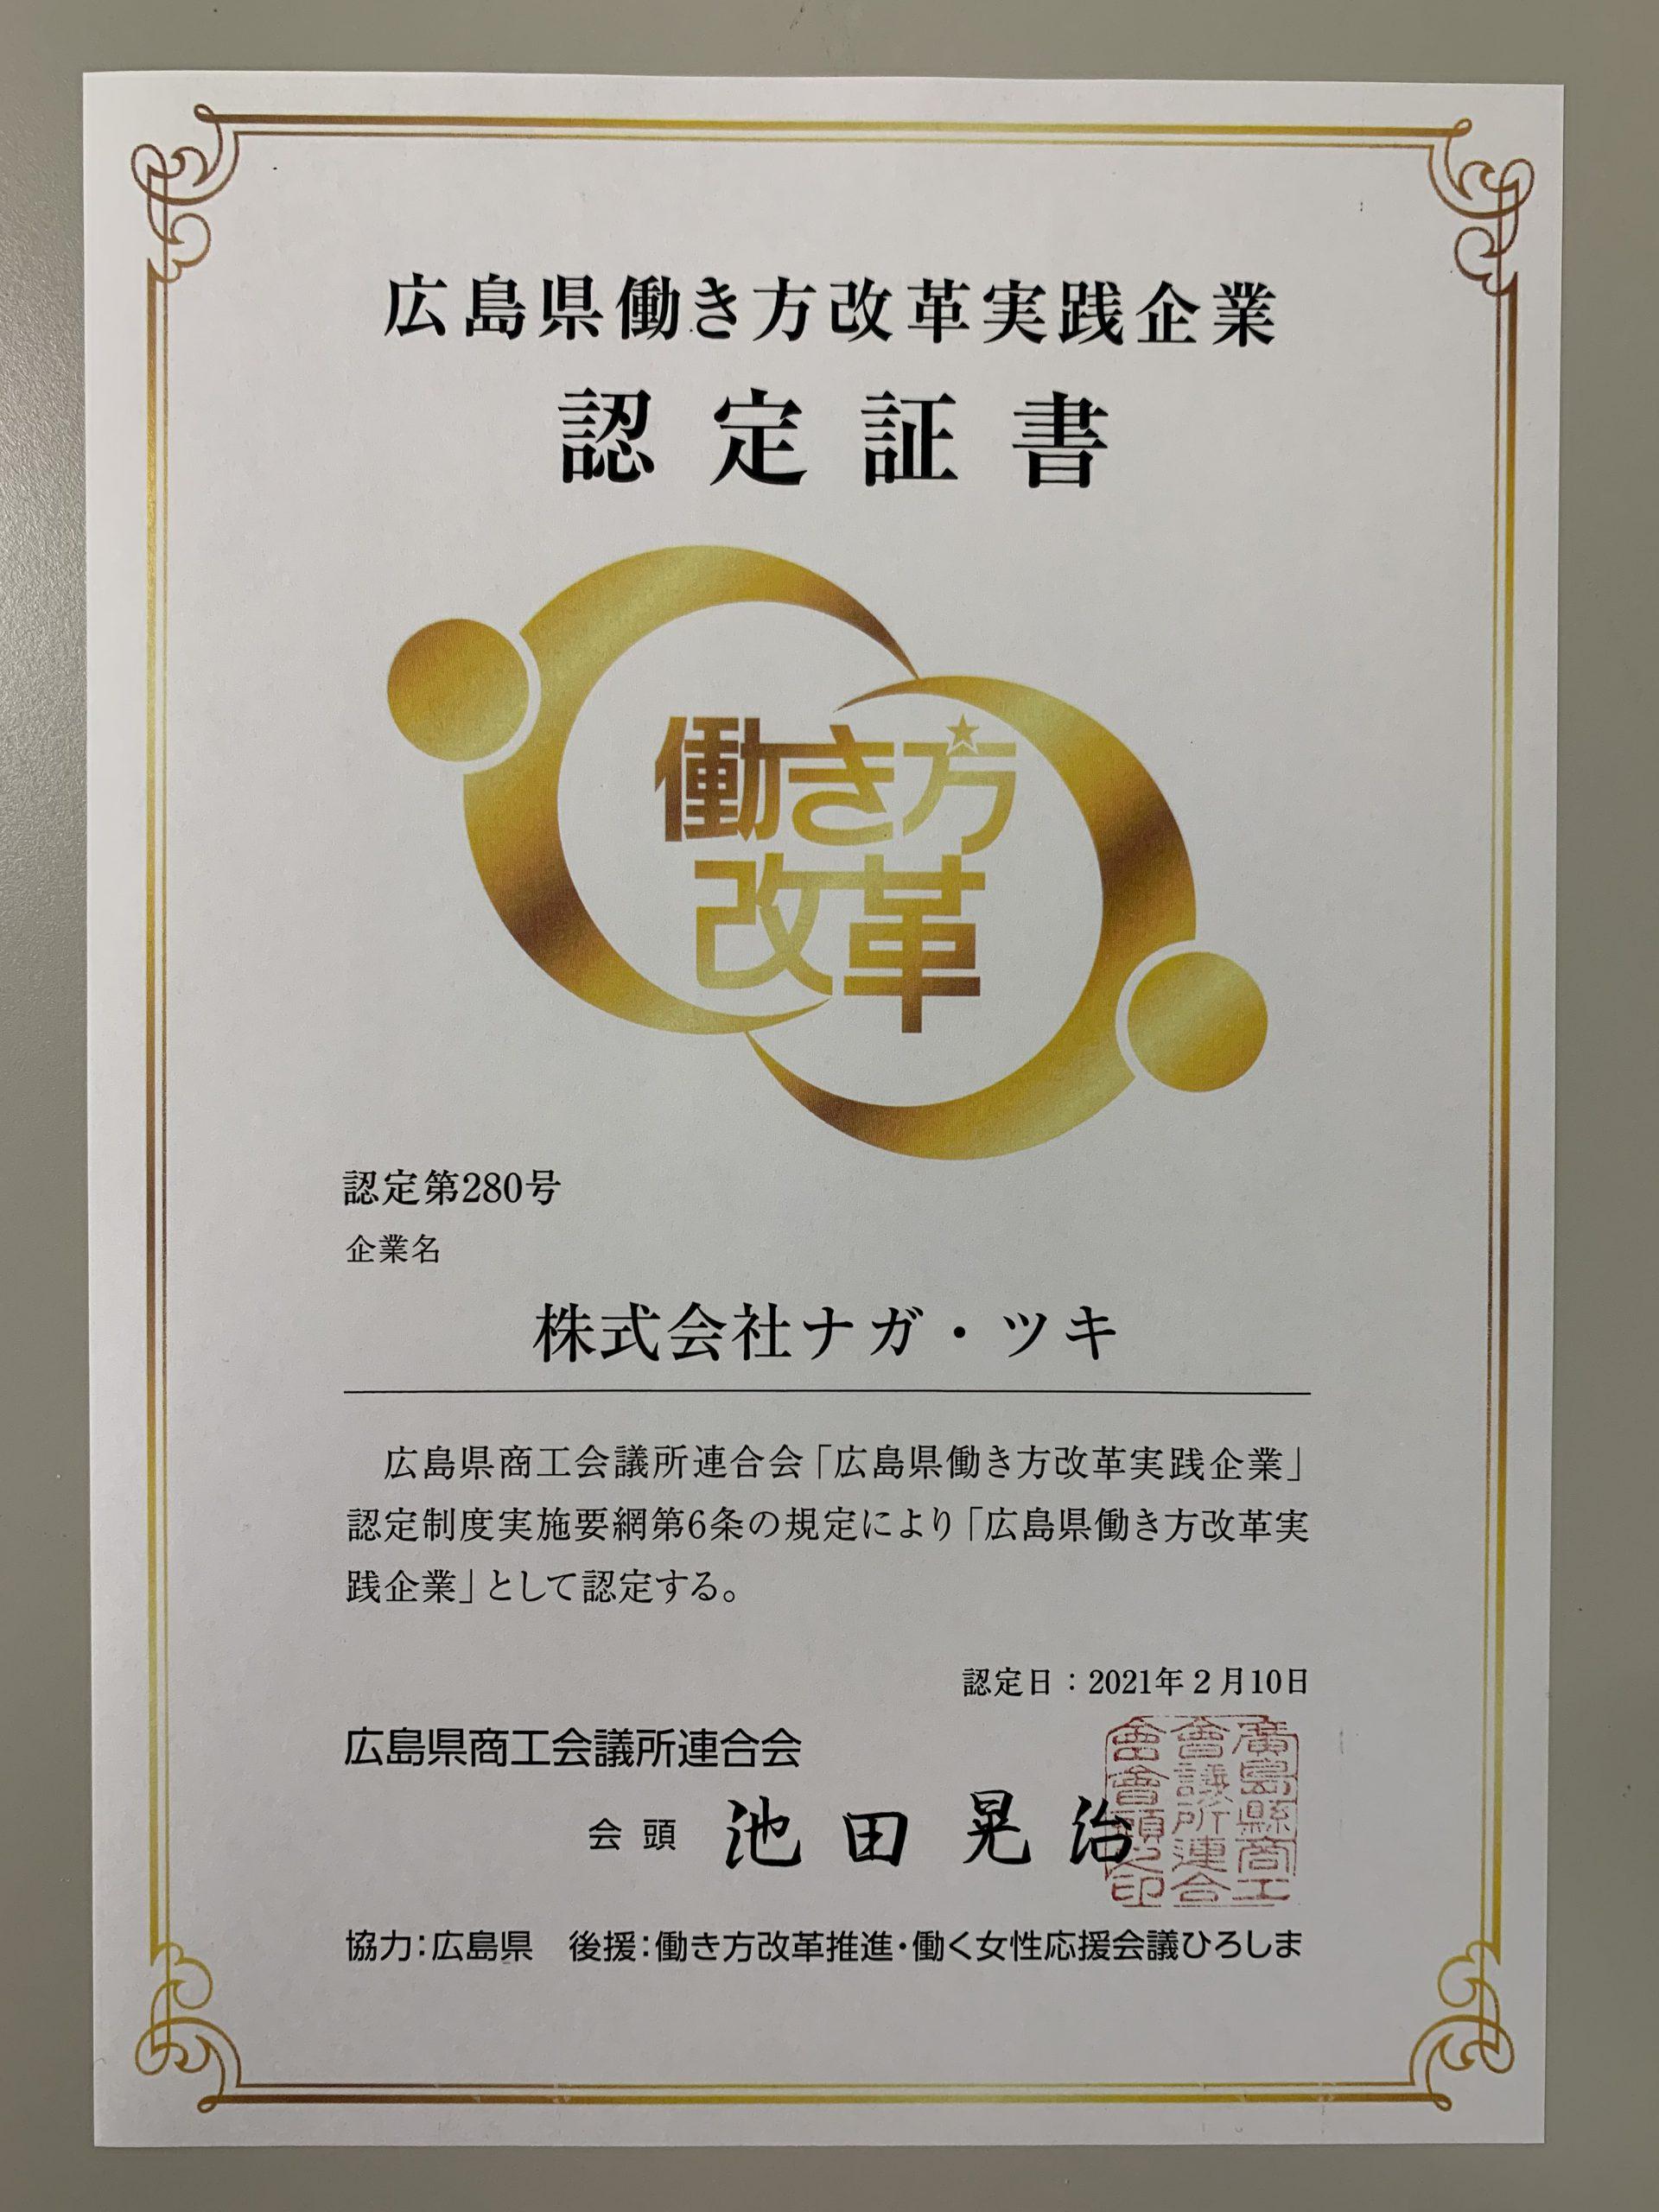 広島県働き方改革実践企業認定証書